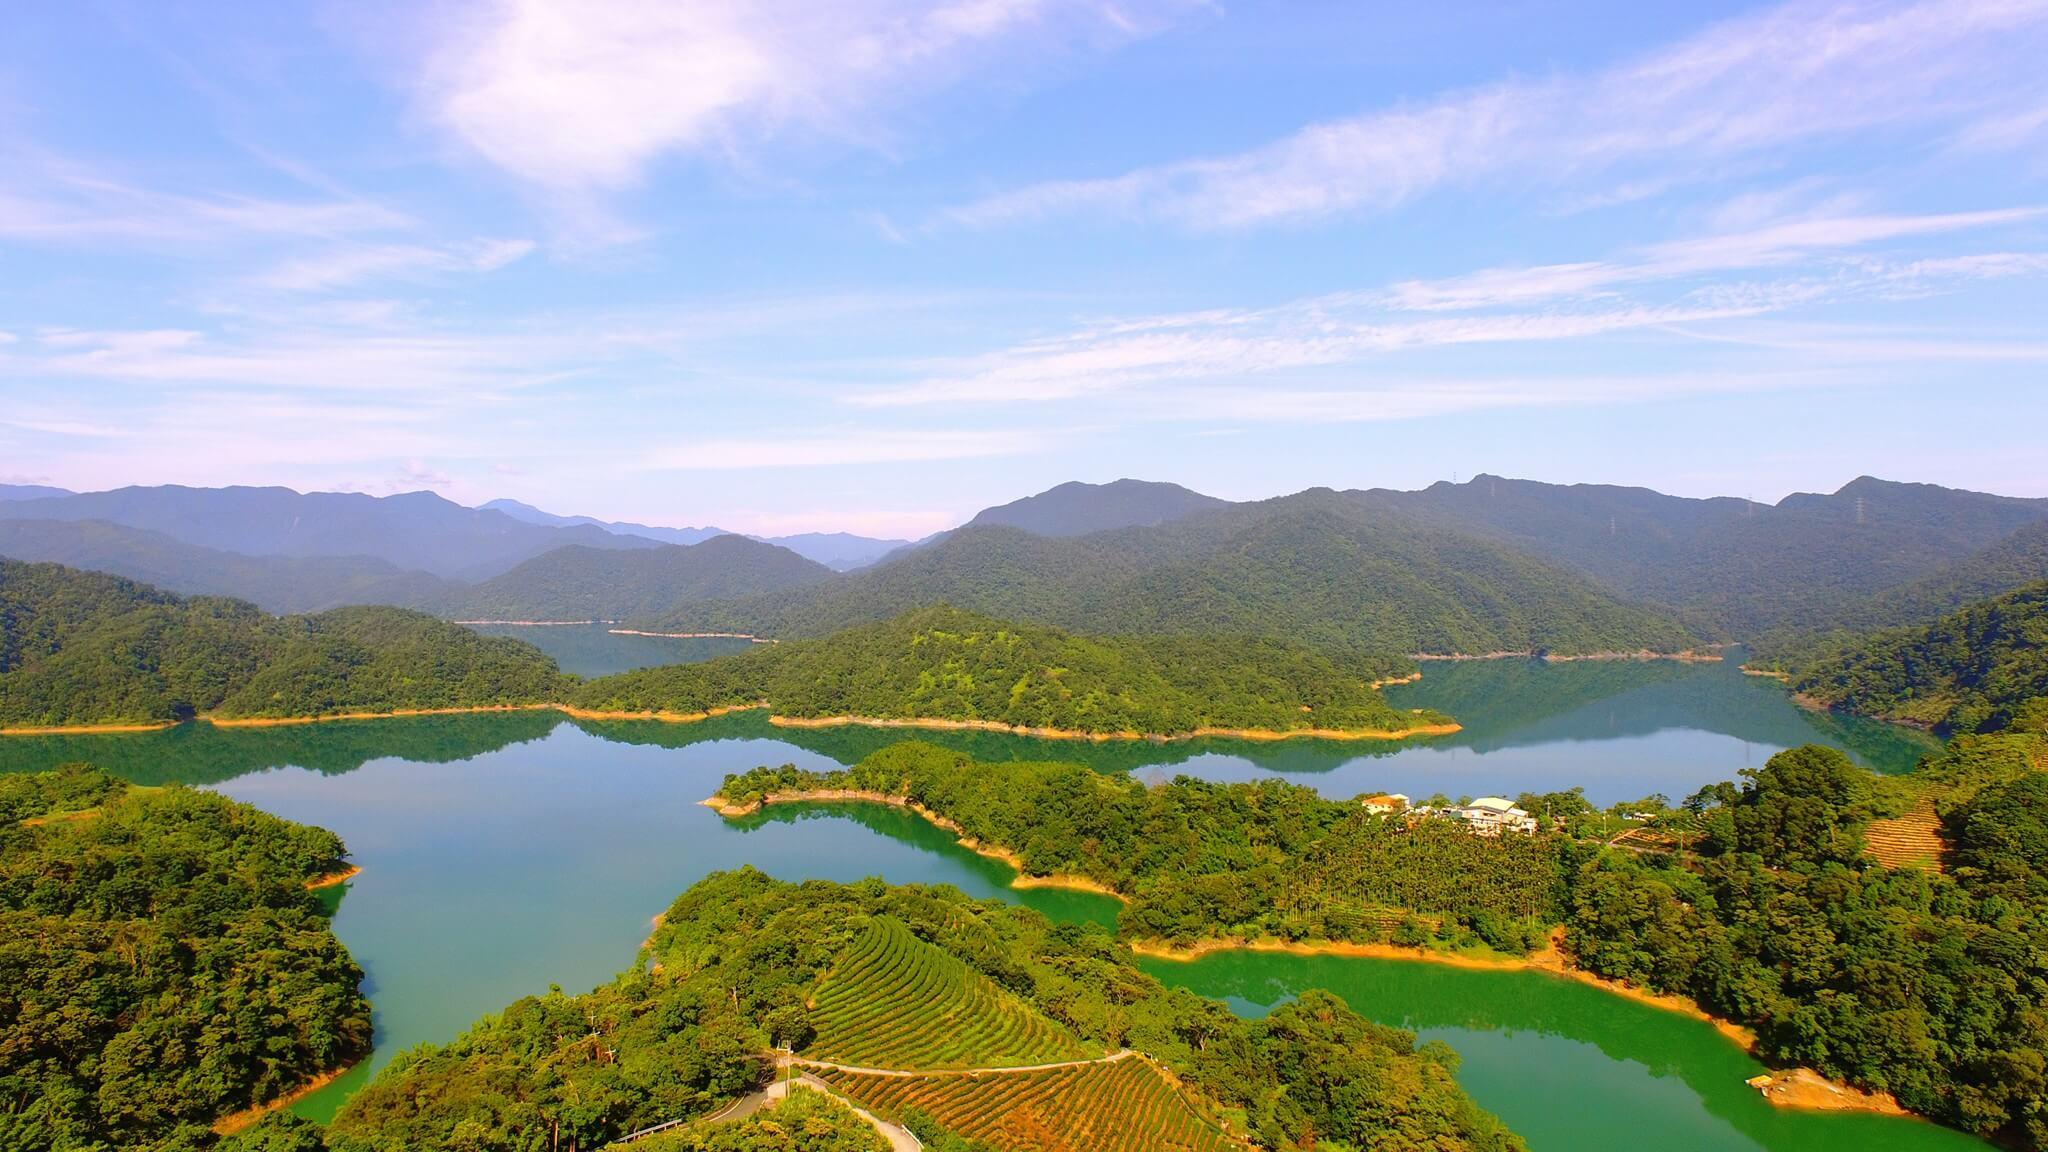 石碇千島湖夢幻景緻一日遊